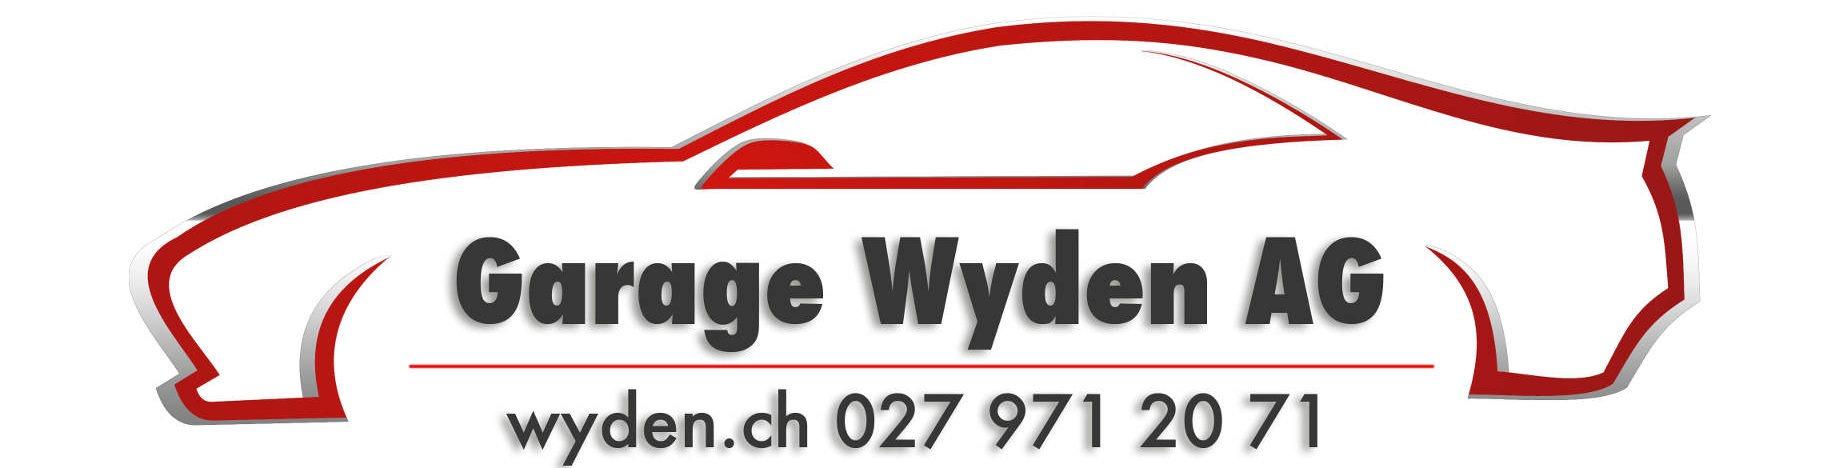 Garage Gebr. Wyden AG